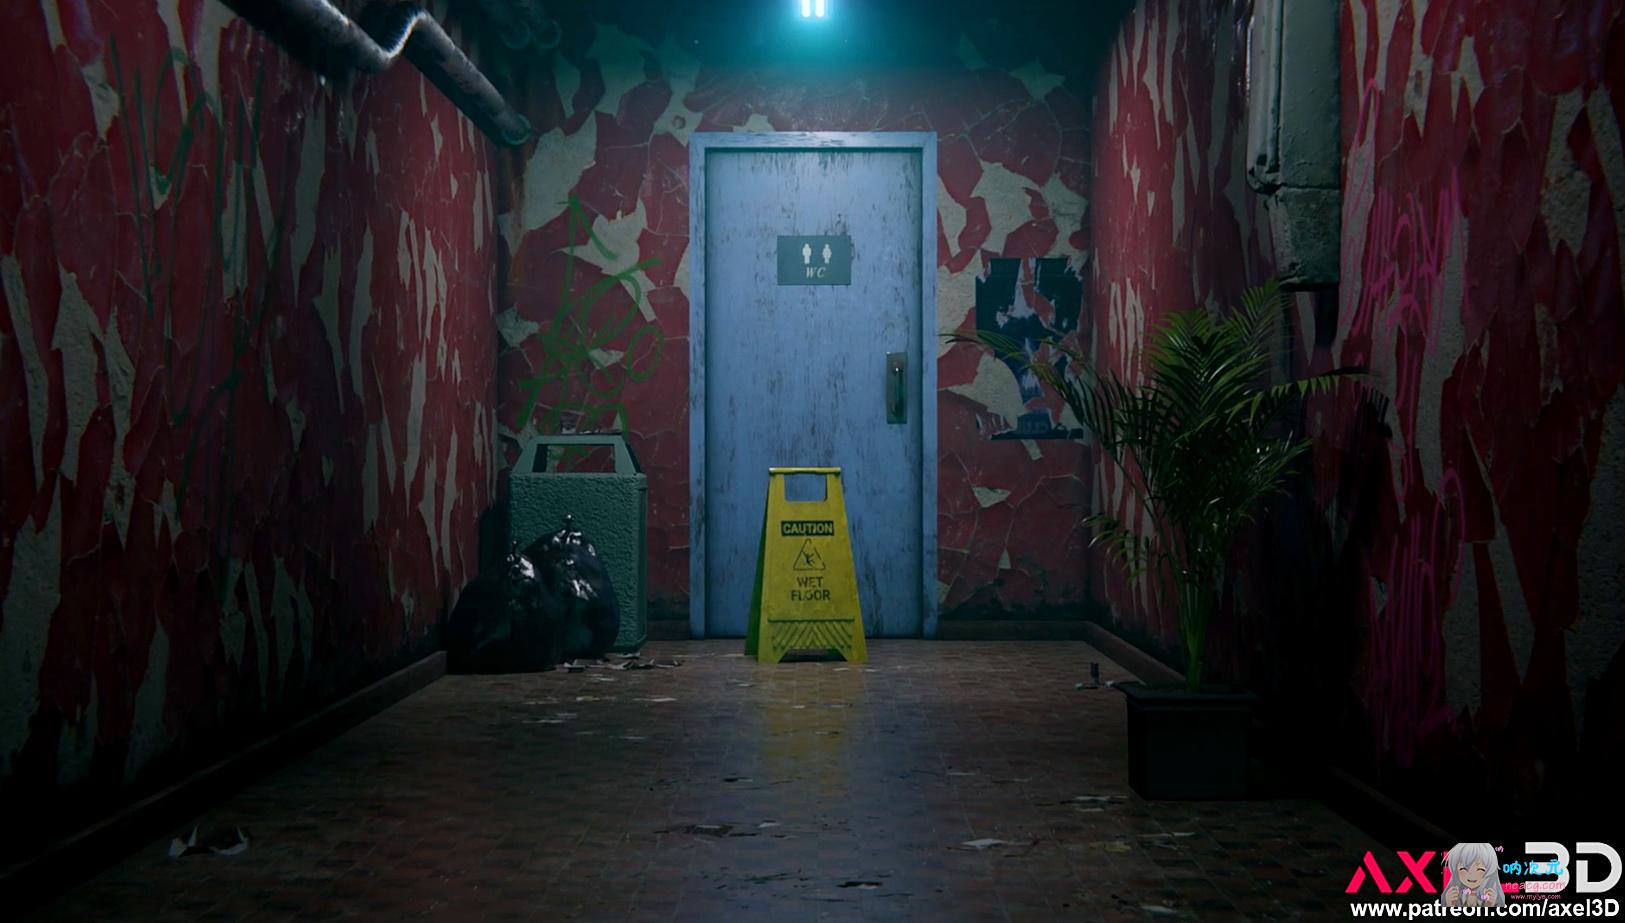 [Axel3D]新大佬:小洞洞用中-蒂法的夜间新兼职【3D同人/步兵/全动态/全CV/1080P】